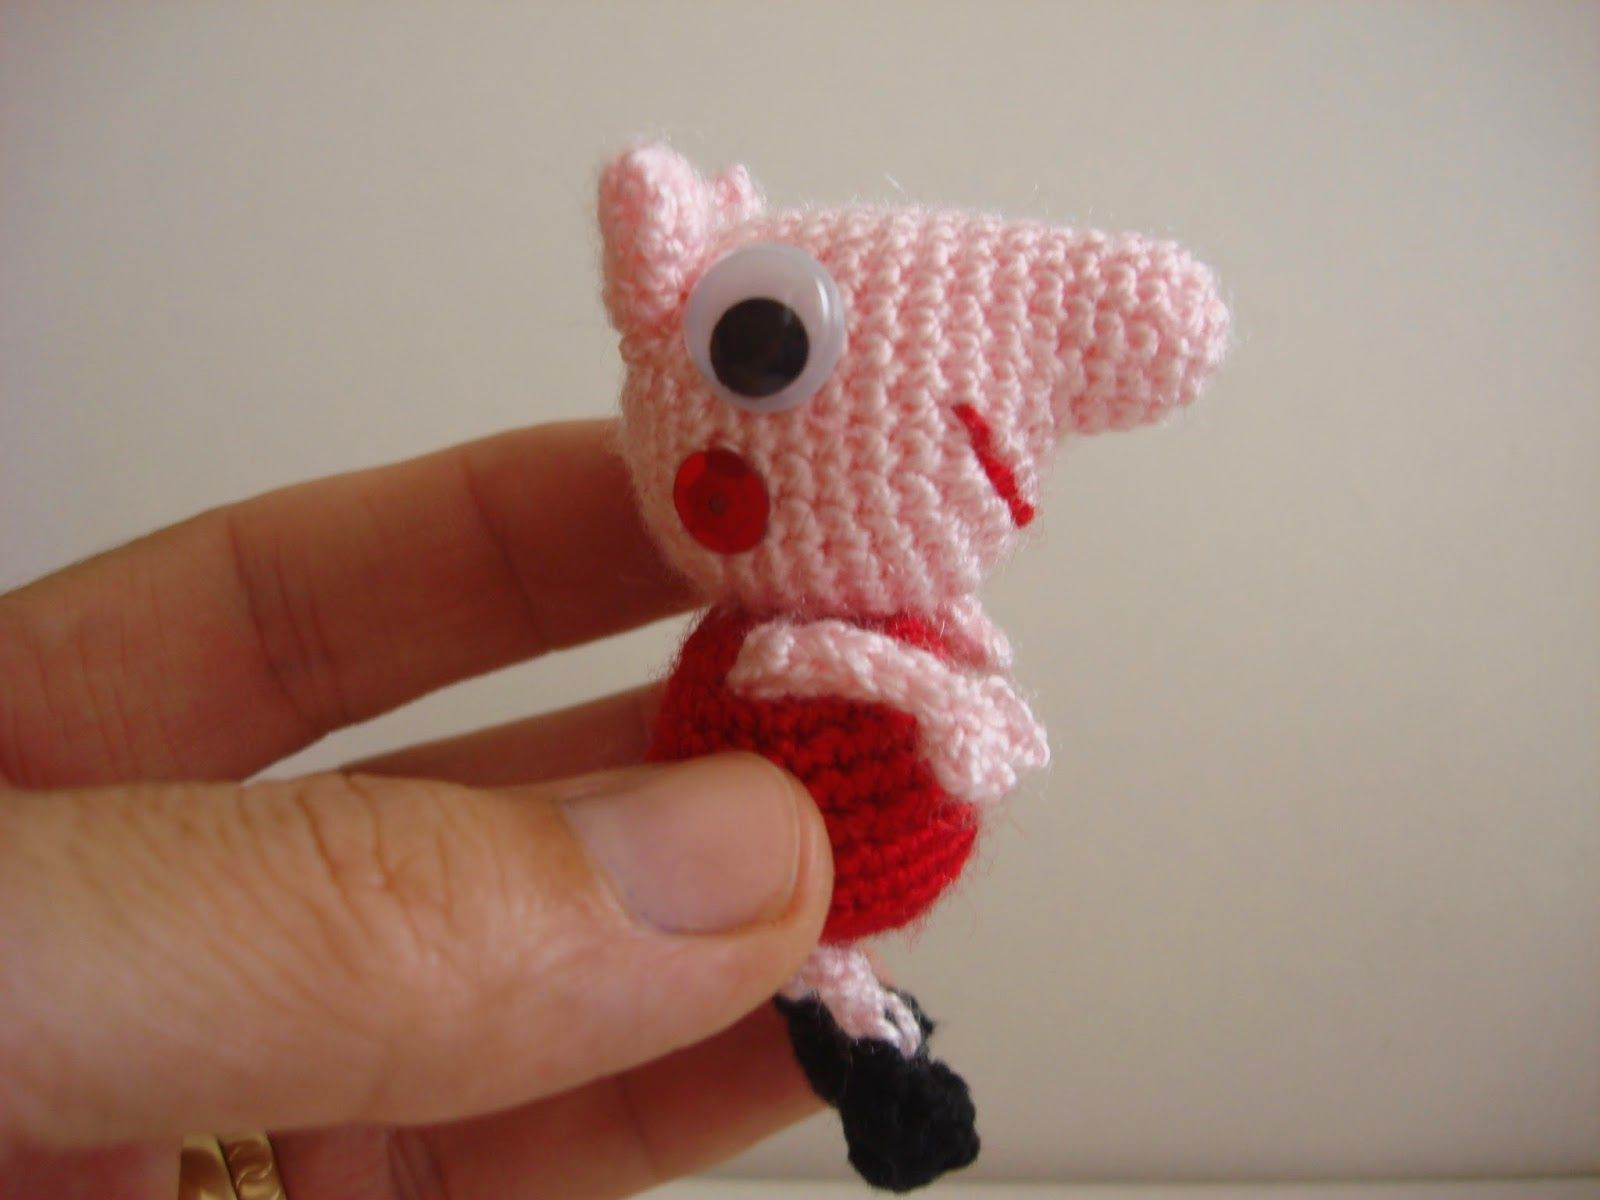 Amigurumi Crochet Personajes : Canal crochet mini peppa pig amigurumi patrÖn libre personajes